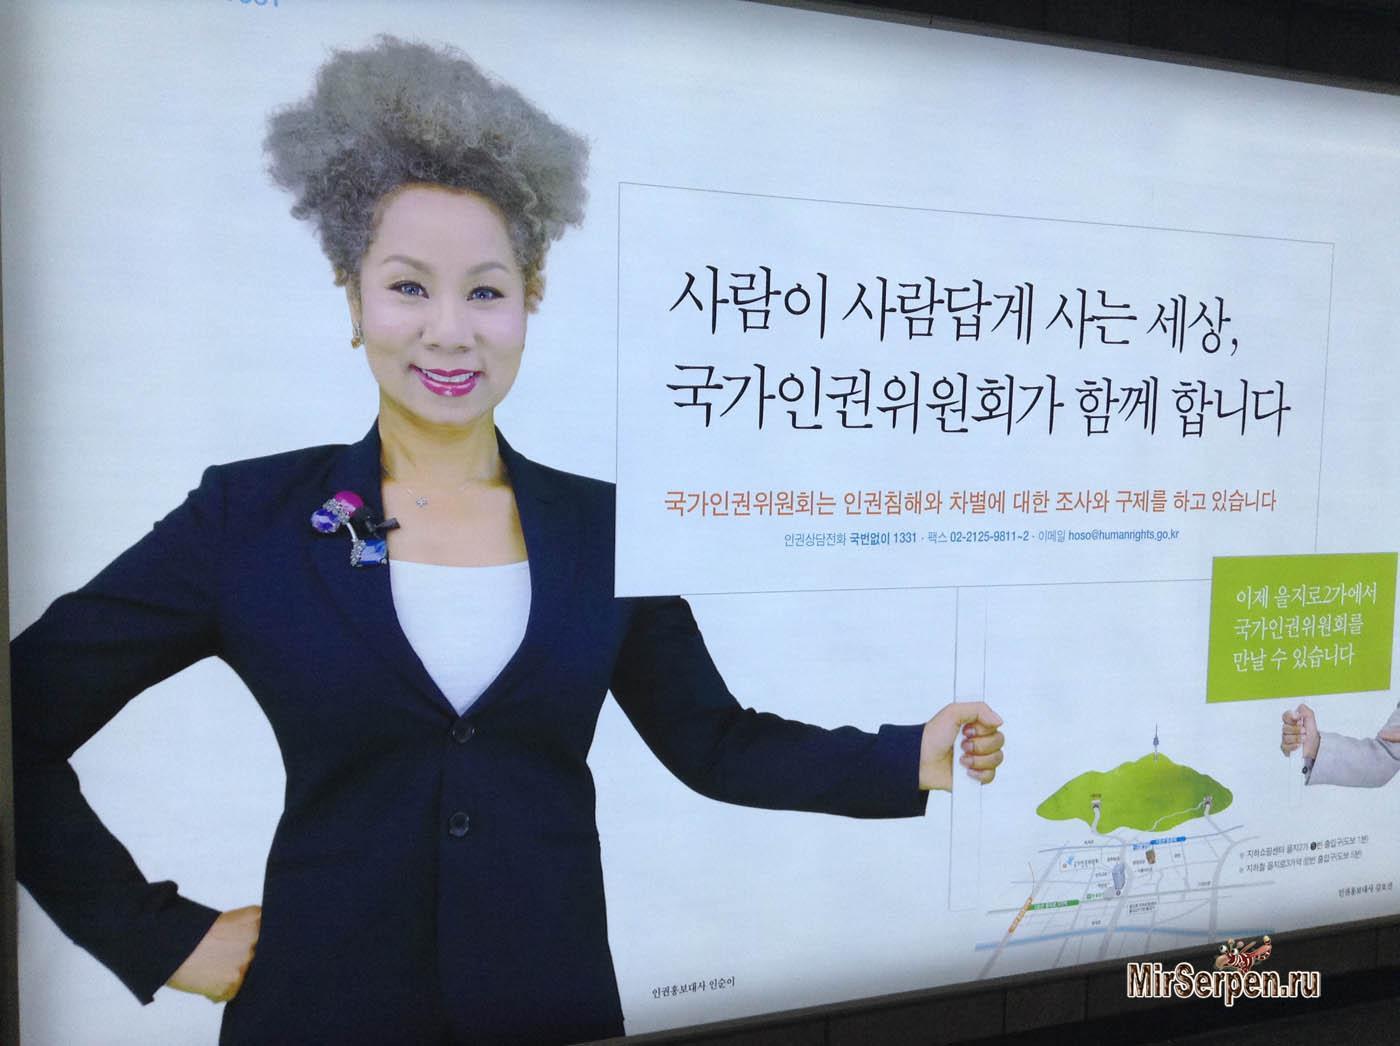 О длине волос кореянок